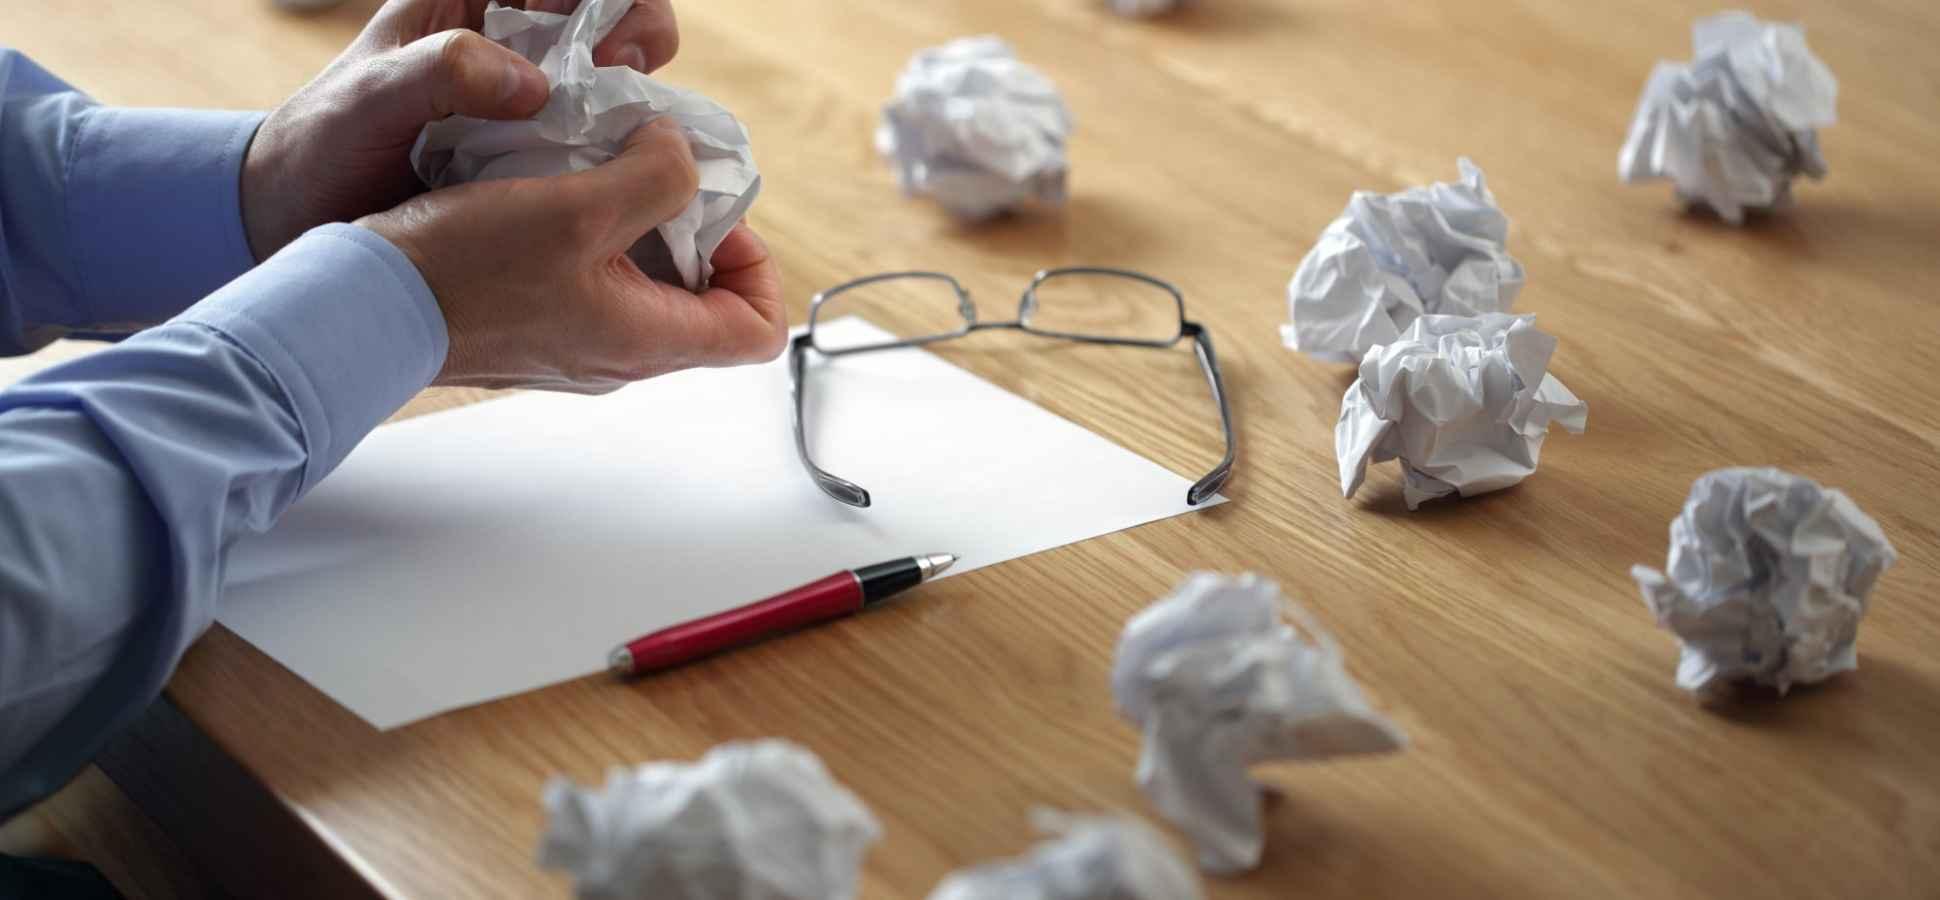 7 Bad Habits of Unoriginal Workplaces